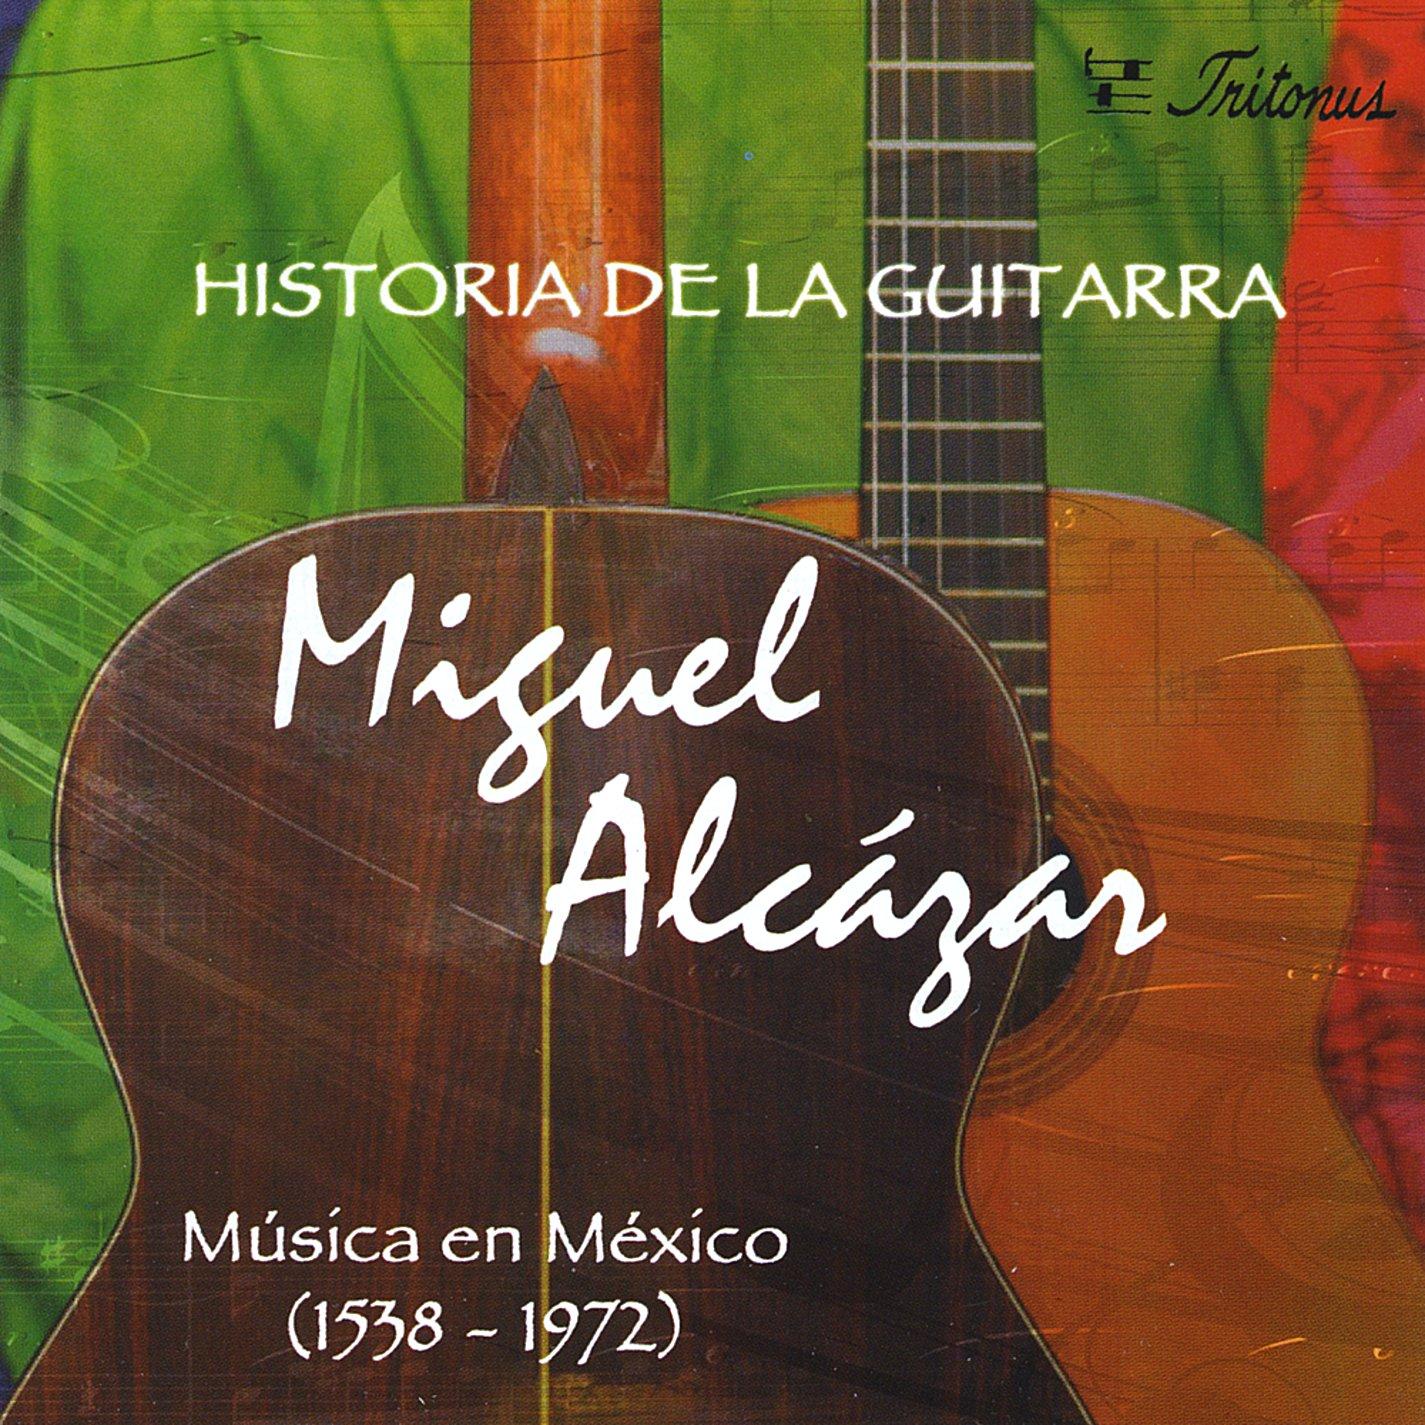 La Historia de la Guitarra Mus: Miguel Alcazar: Amazon.es: Música